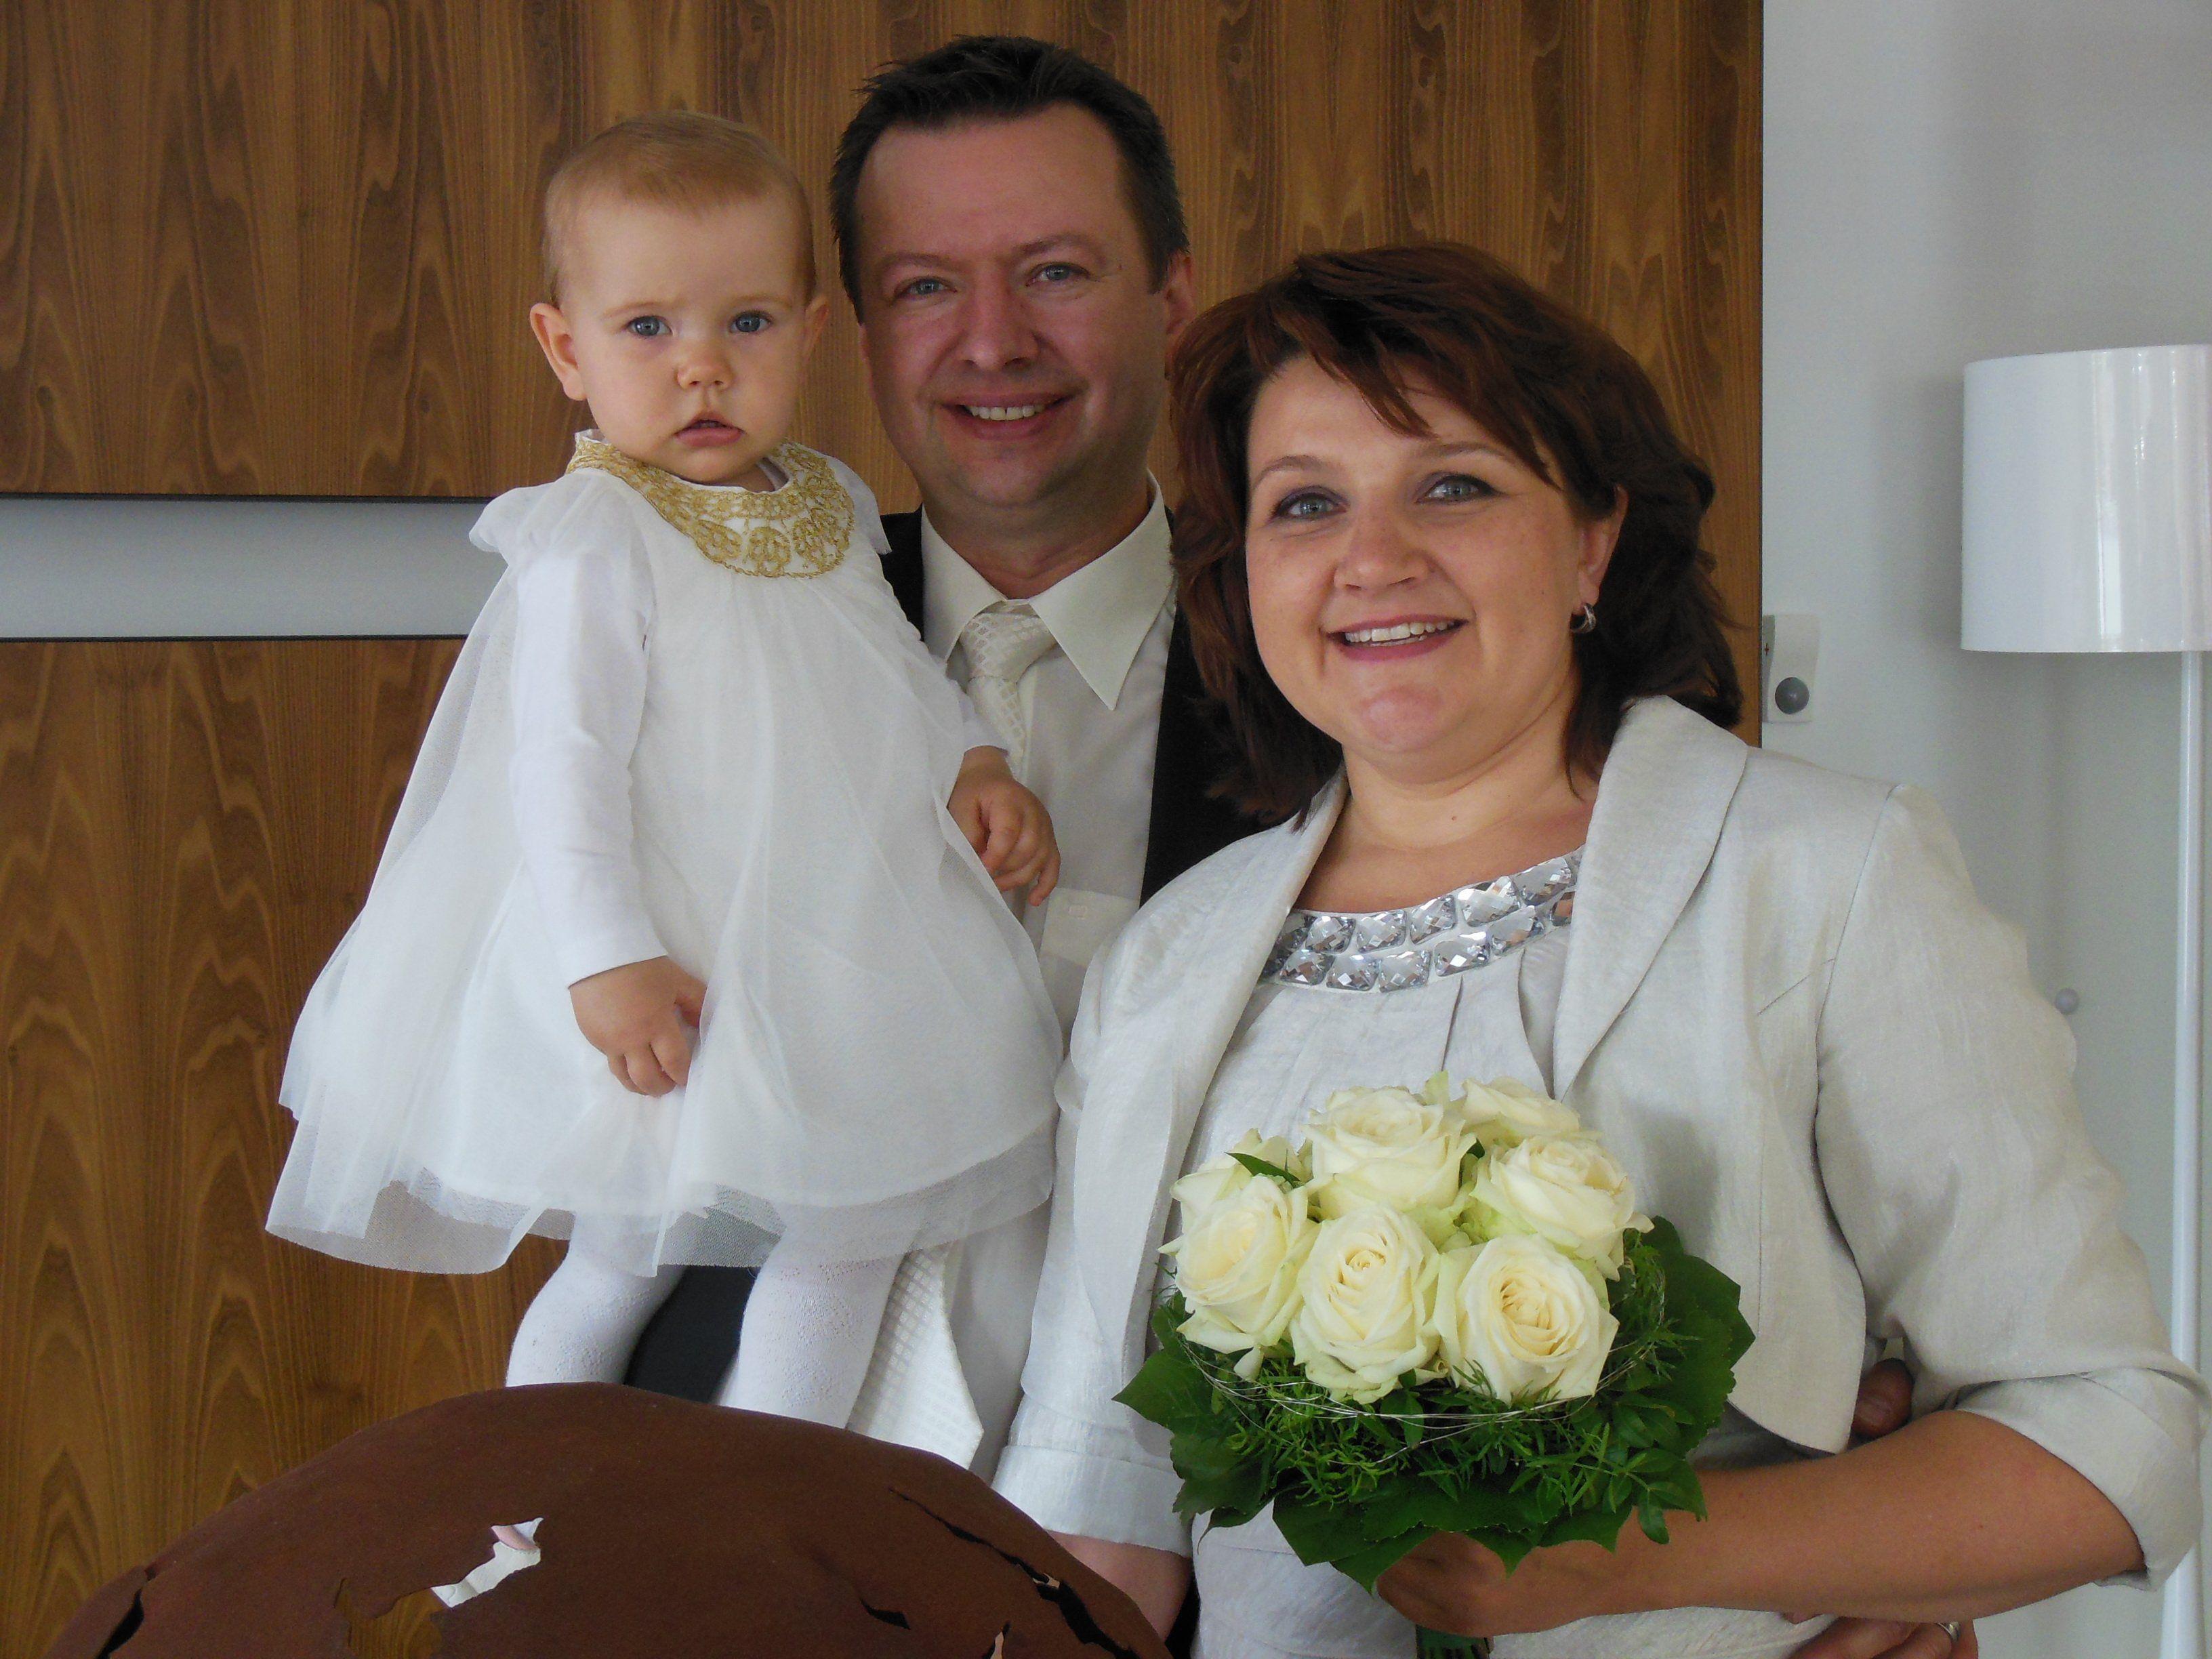 Das glückliche Paar mit Tochter Emilia.